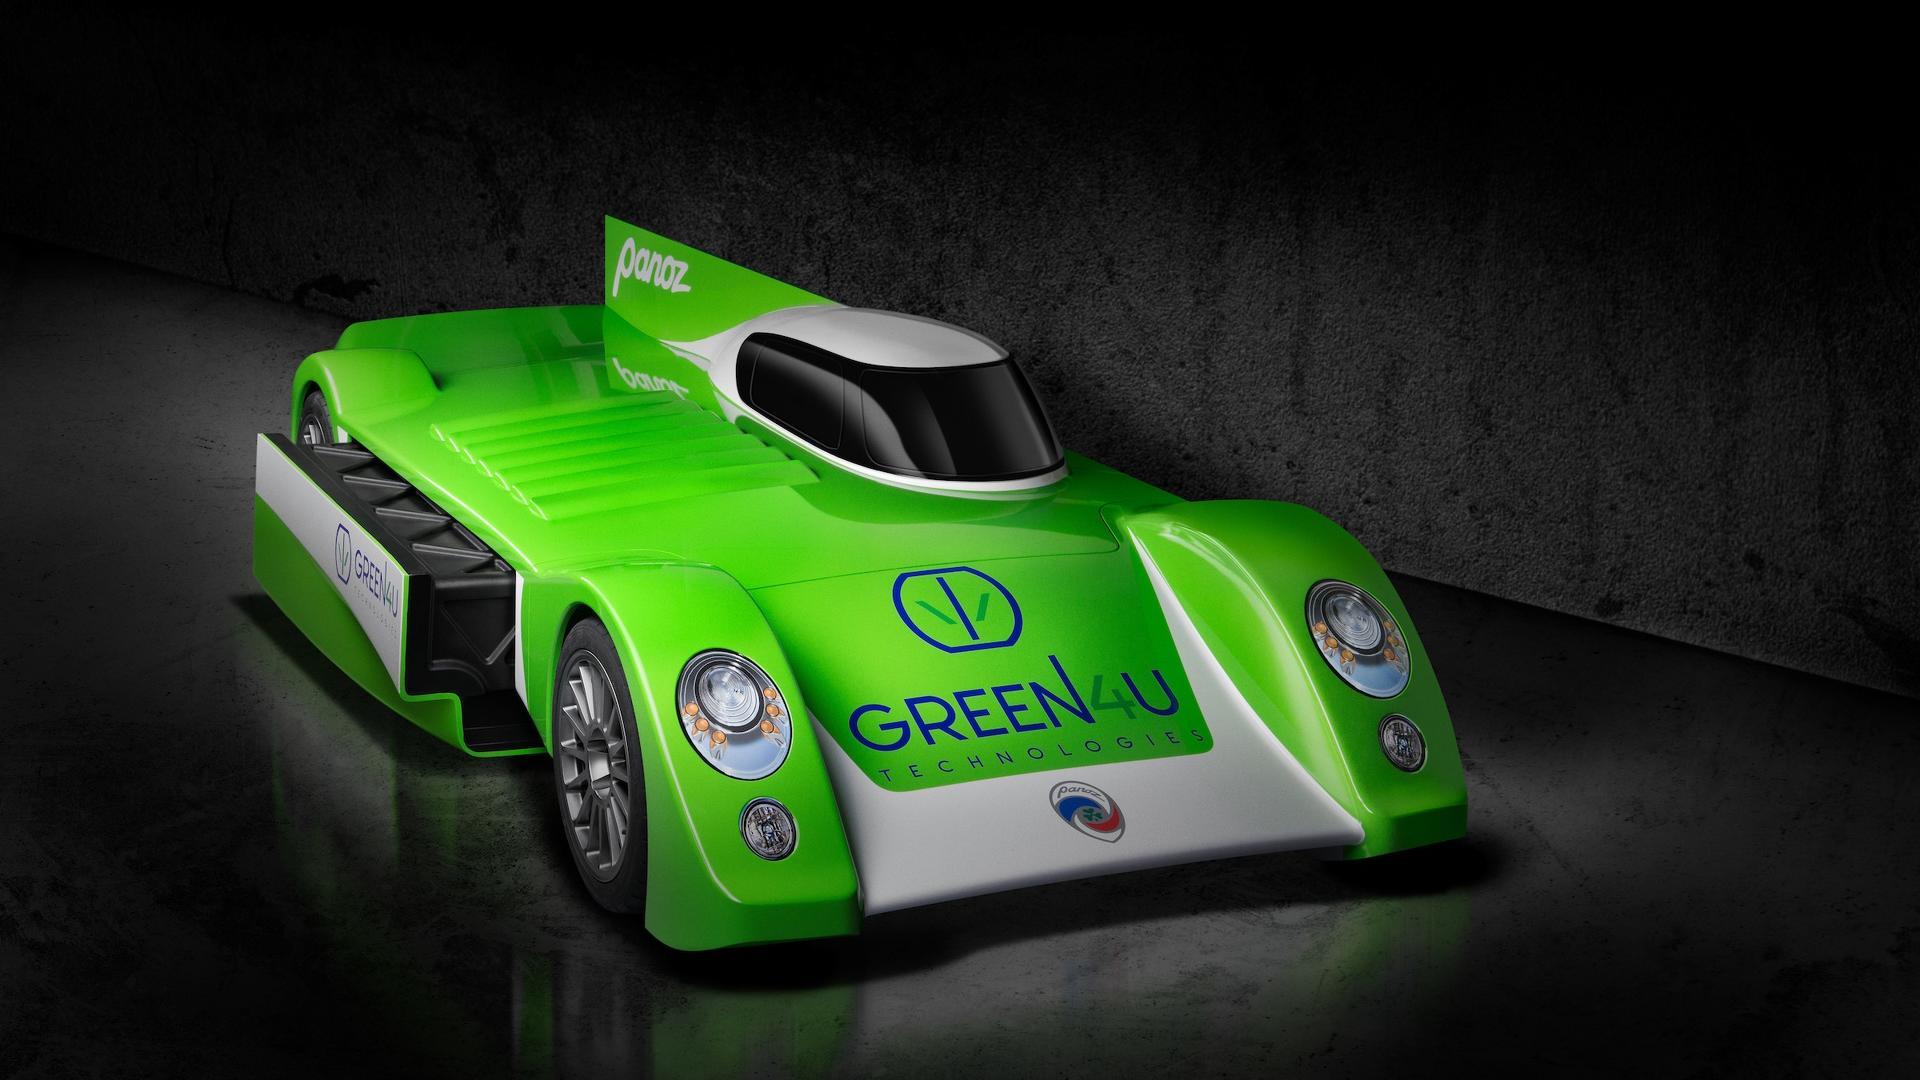 Panoz_GT-EV_racecar_01